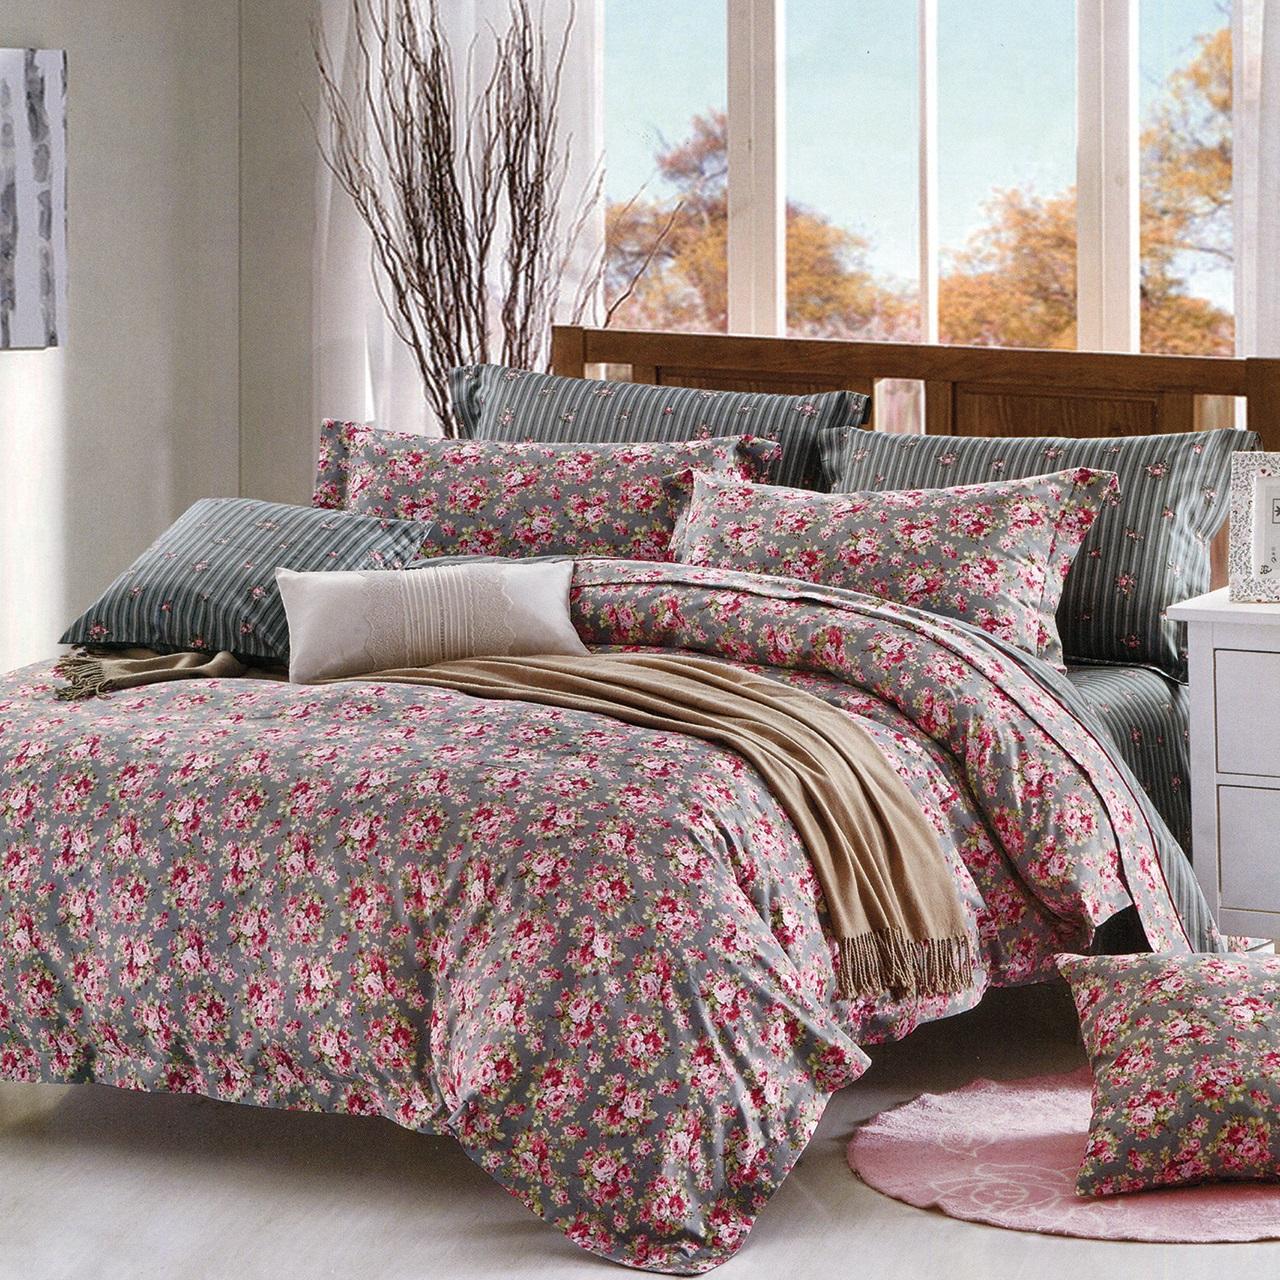 سرویس خواب کارینا کد 0039 مدل Flower B یک نفره چهار تکه